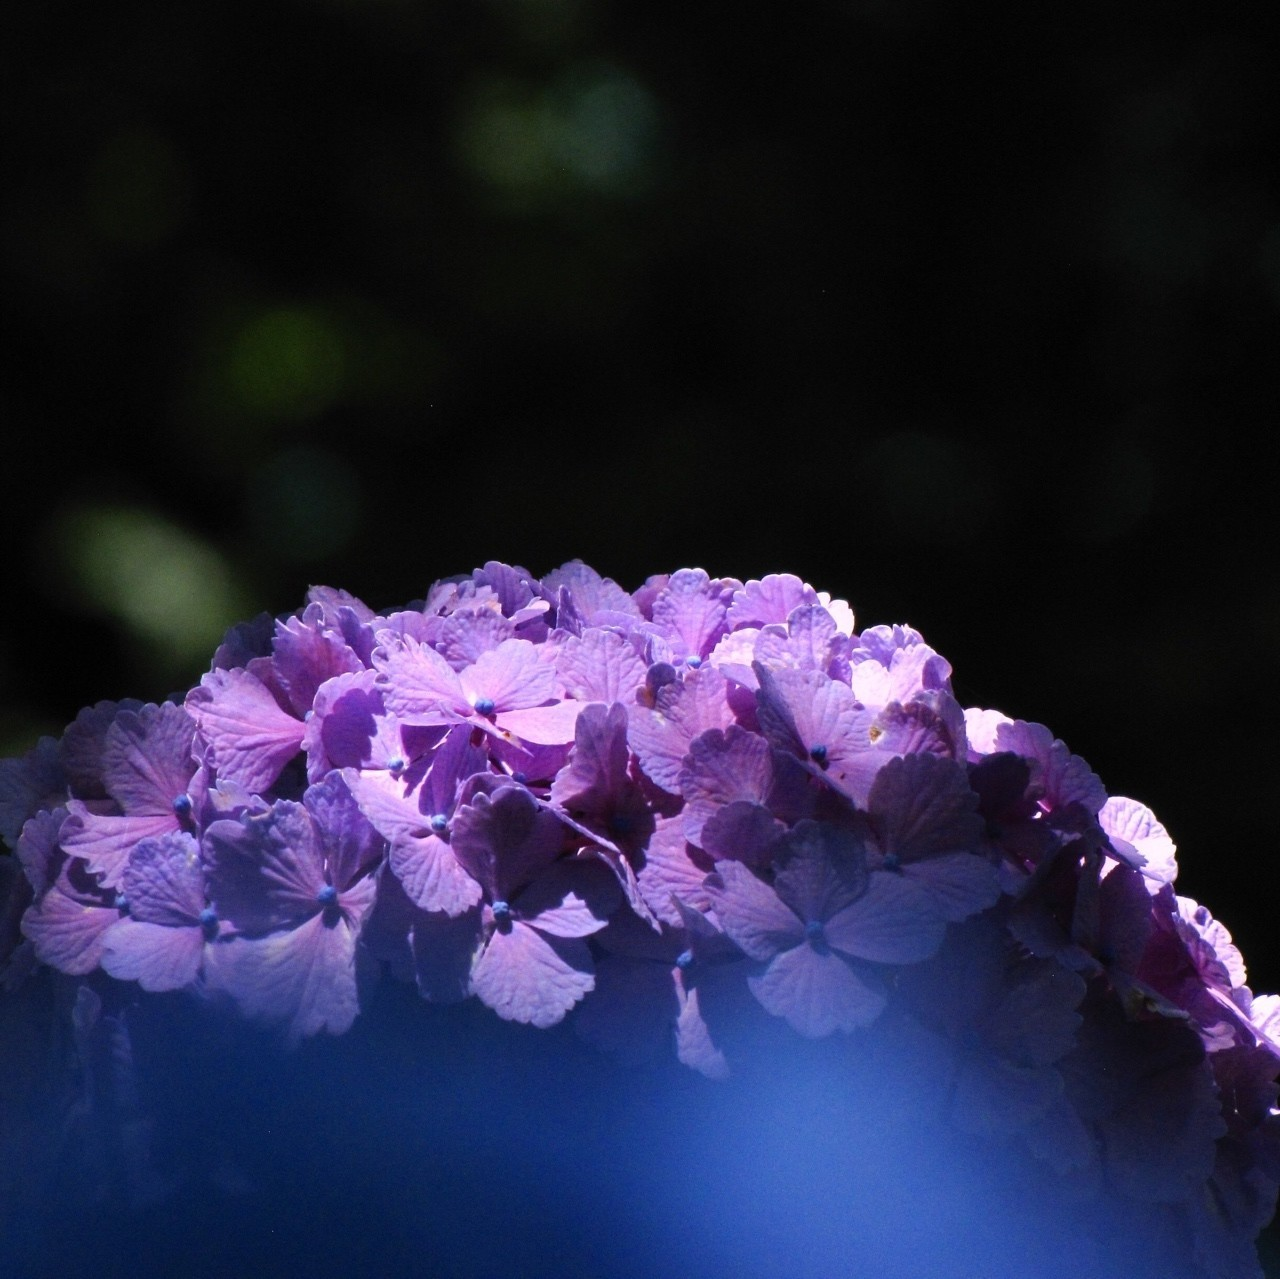 雨の日に活きるアジサイの花は木漏れ日の中が似合っているような気がします。